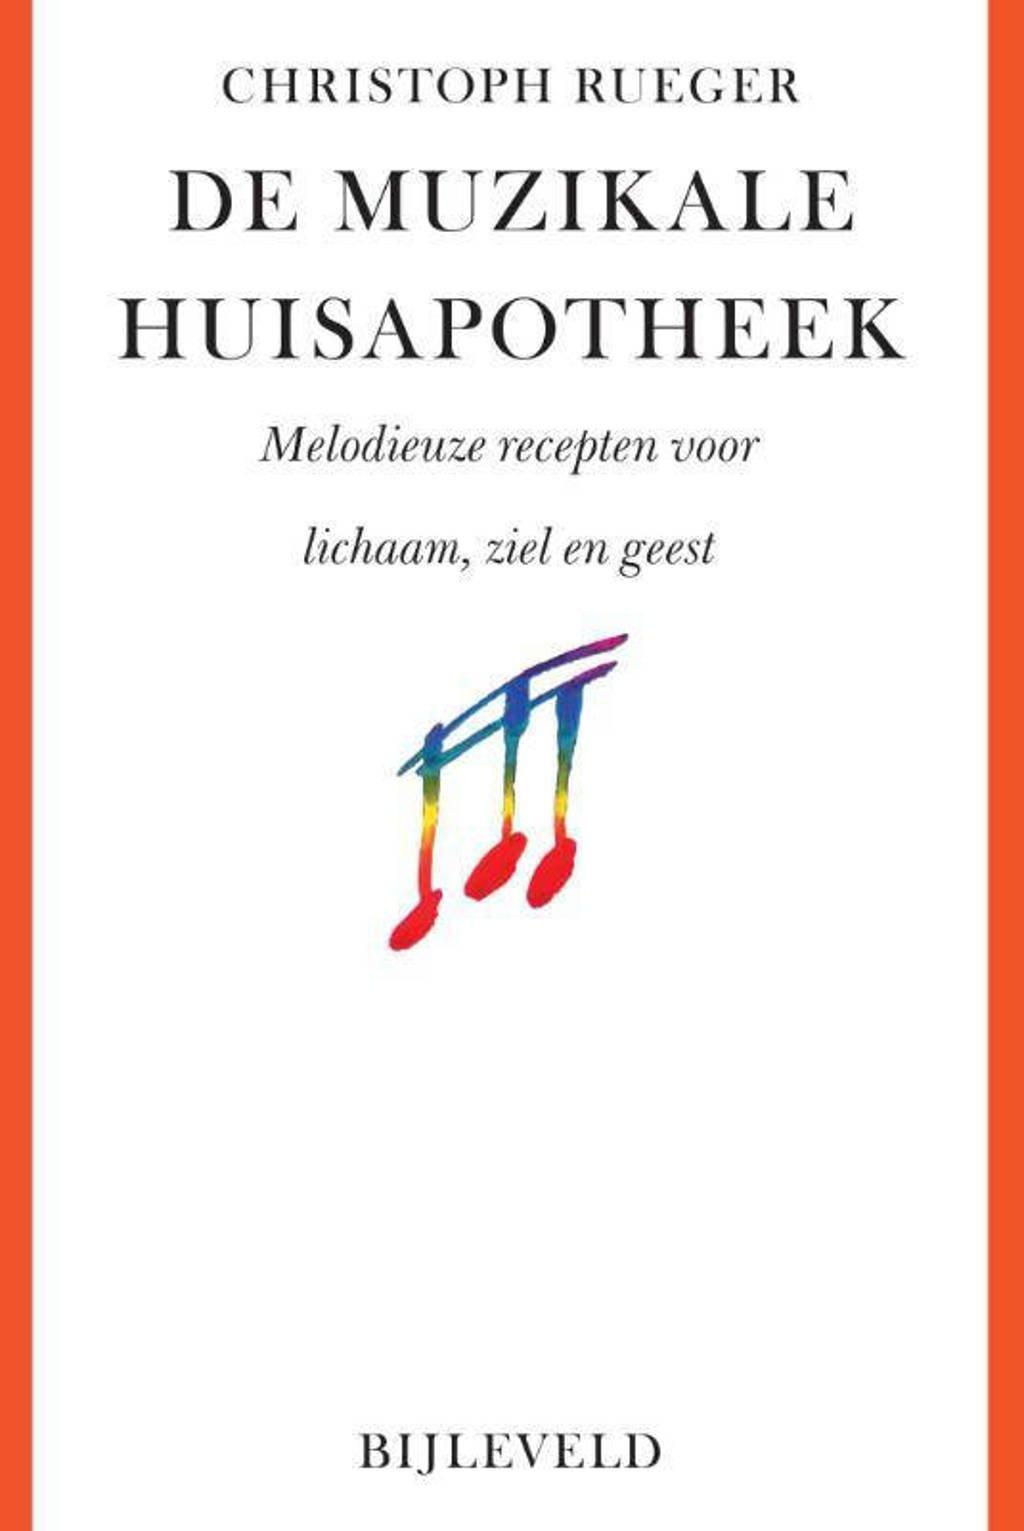 De muzikale huisapotheek - Christoph Rueger